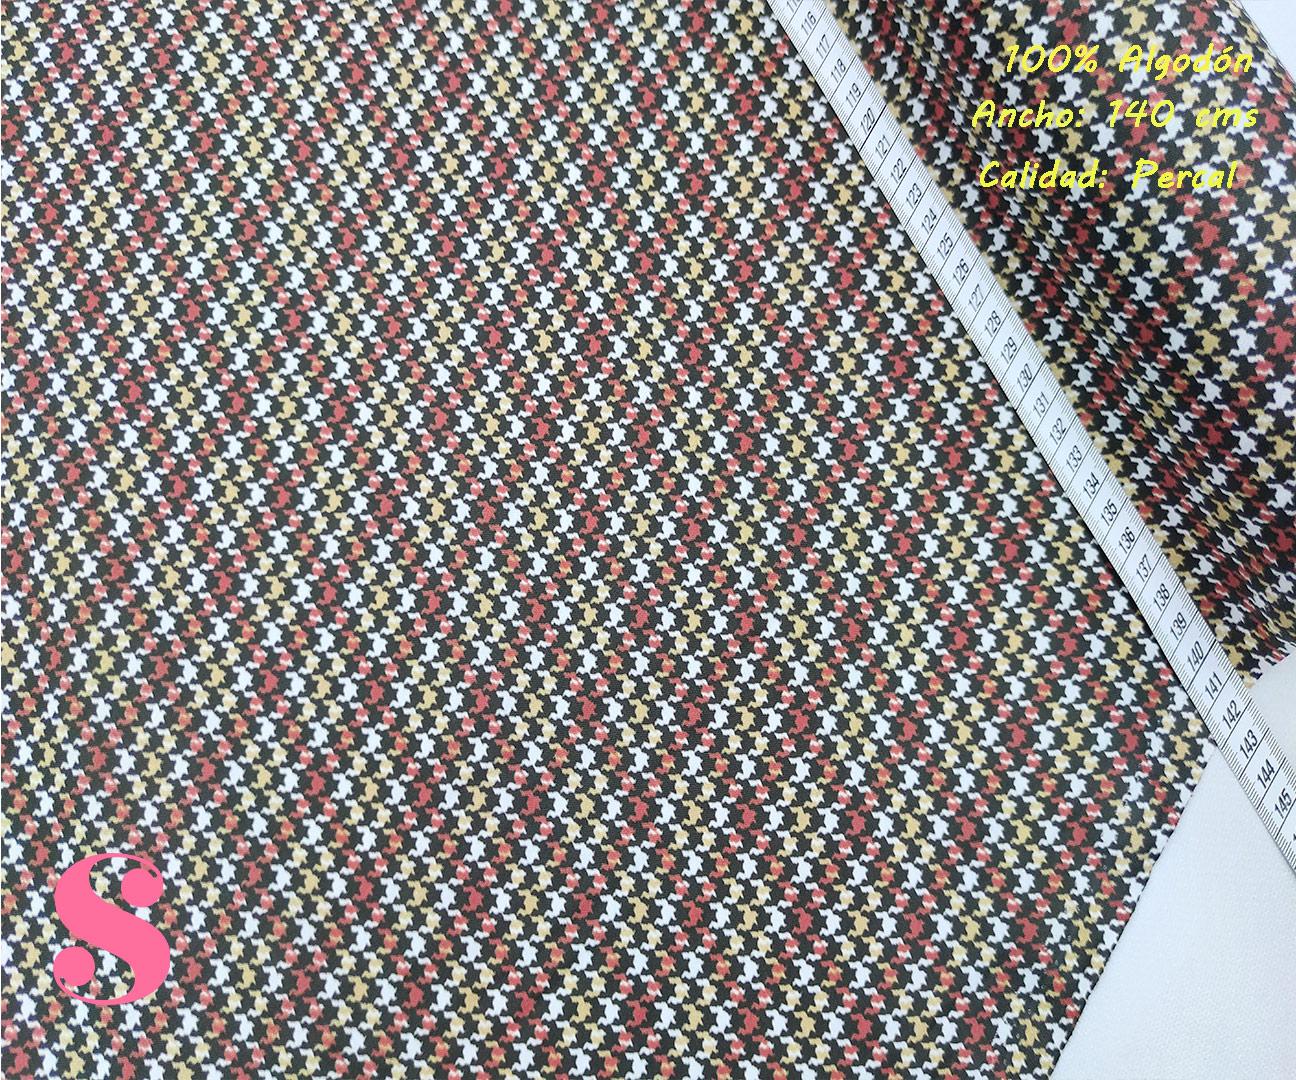 517-corbatero-pata-gallo-tejidos-algodón-estampado-percal,Tejido Estampado Pata Gallo Tonos Ocres